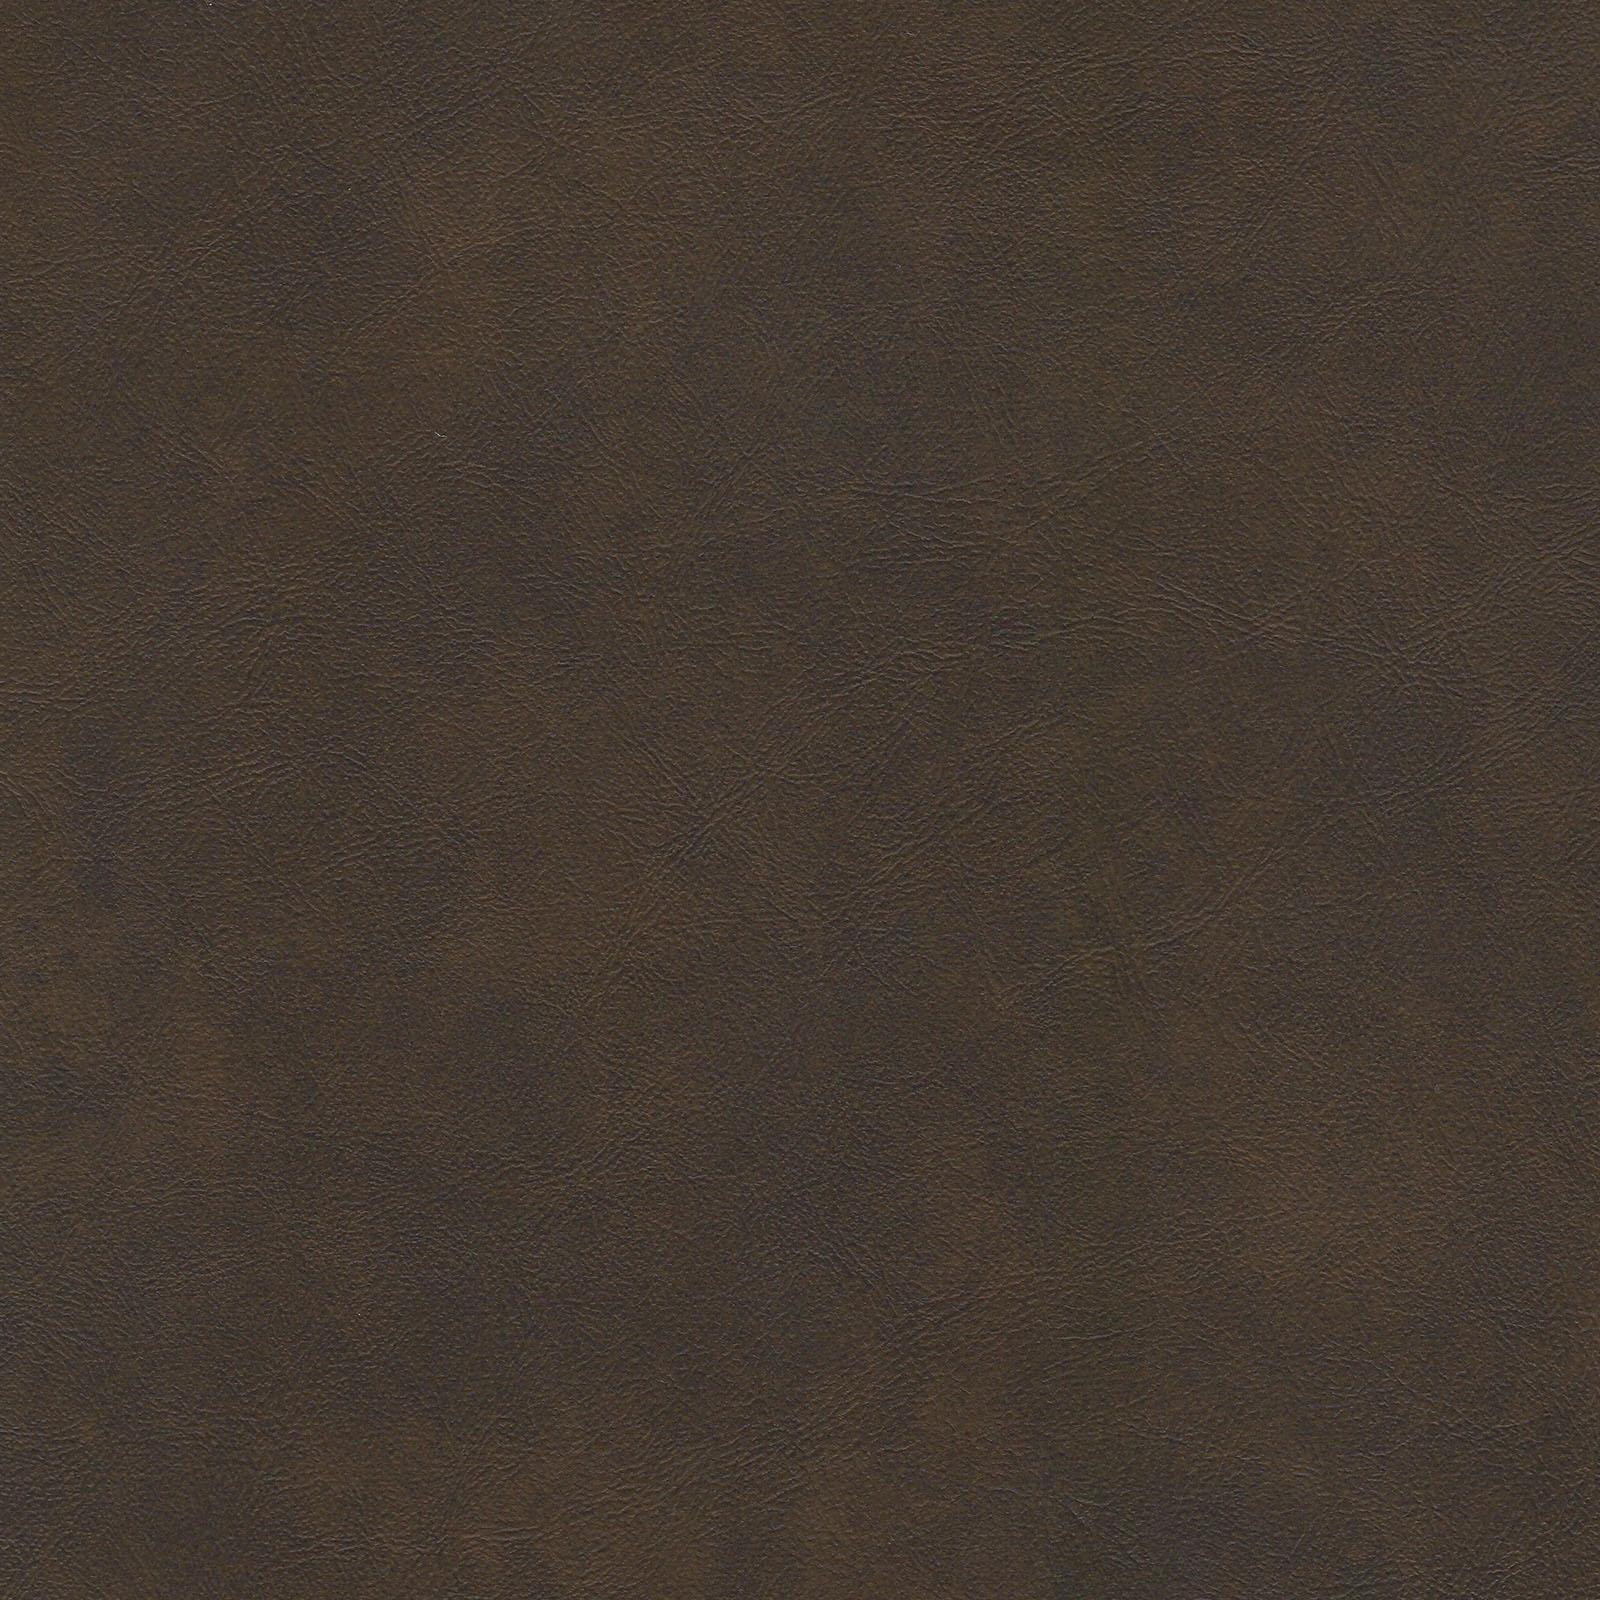 EZ Vinyl - EZY-5826 - Sierra Brown